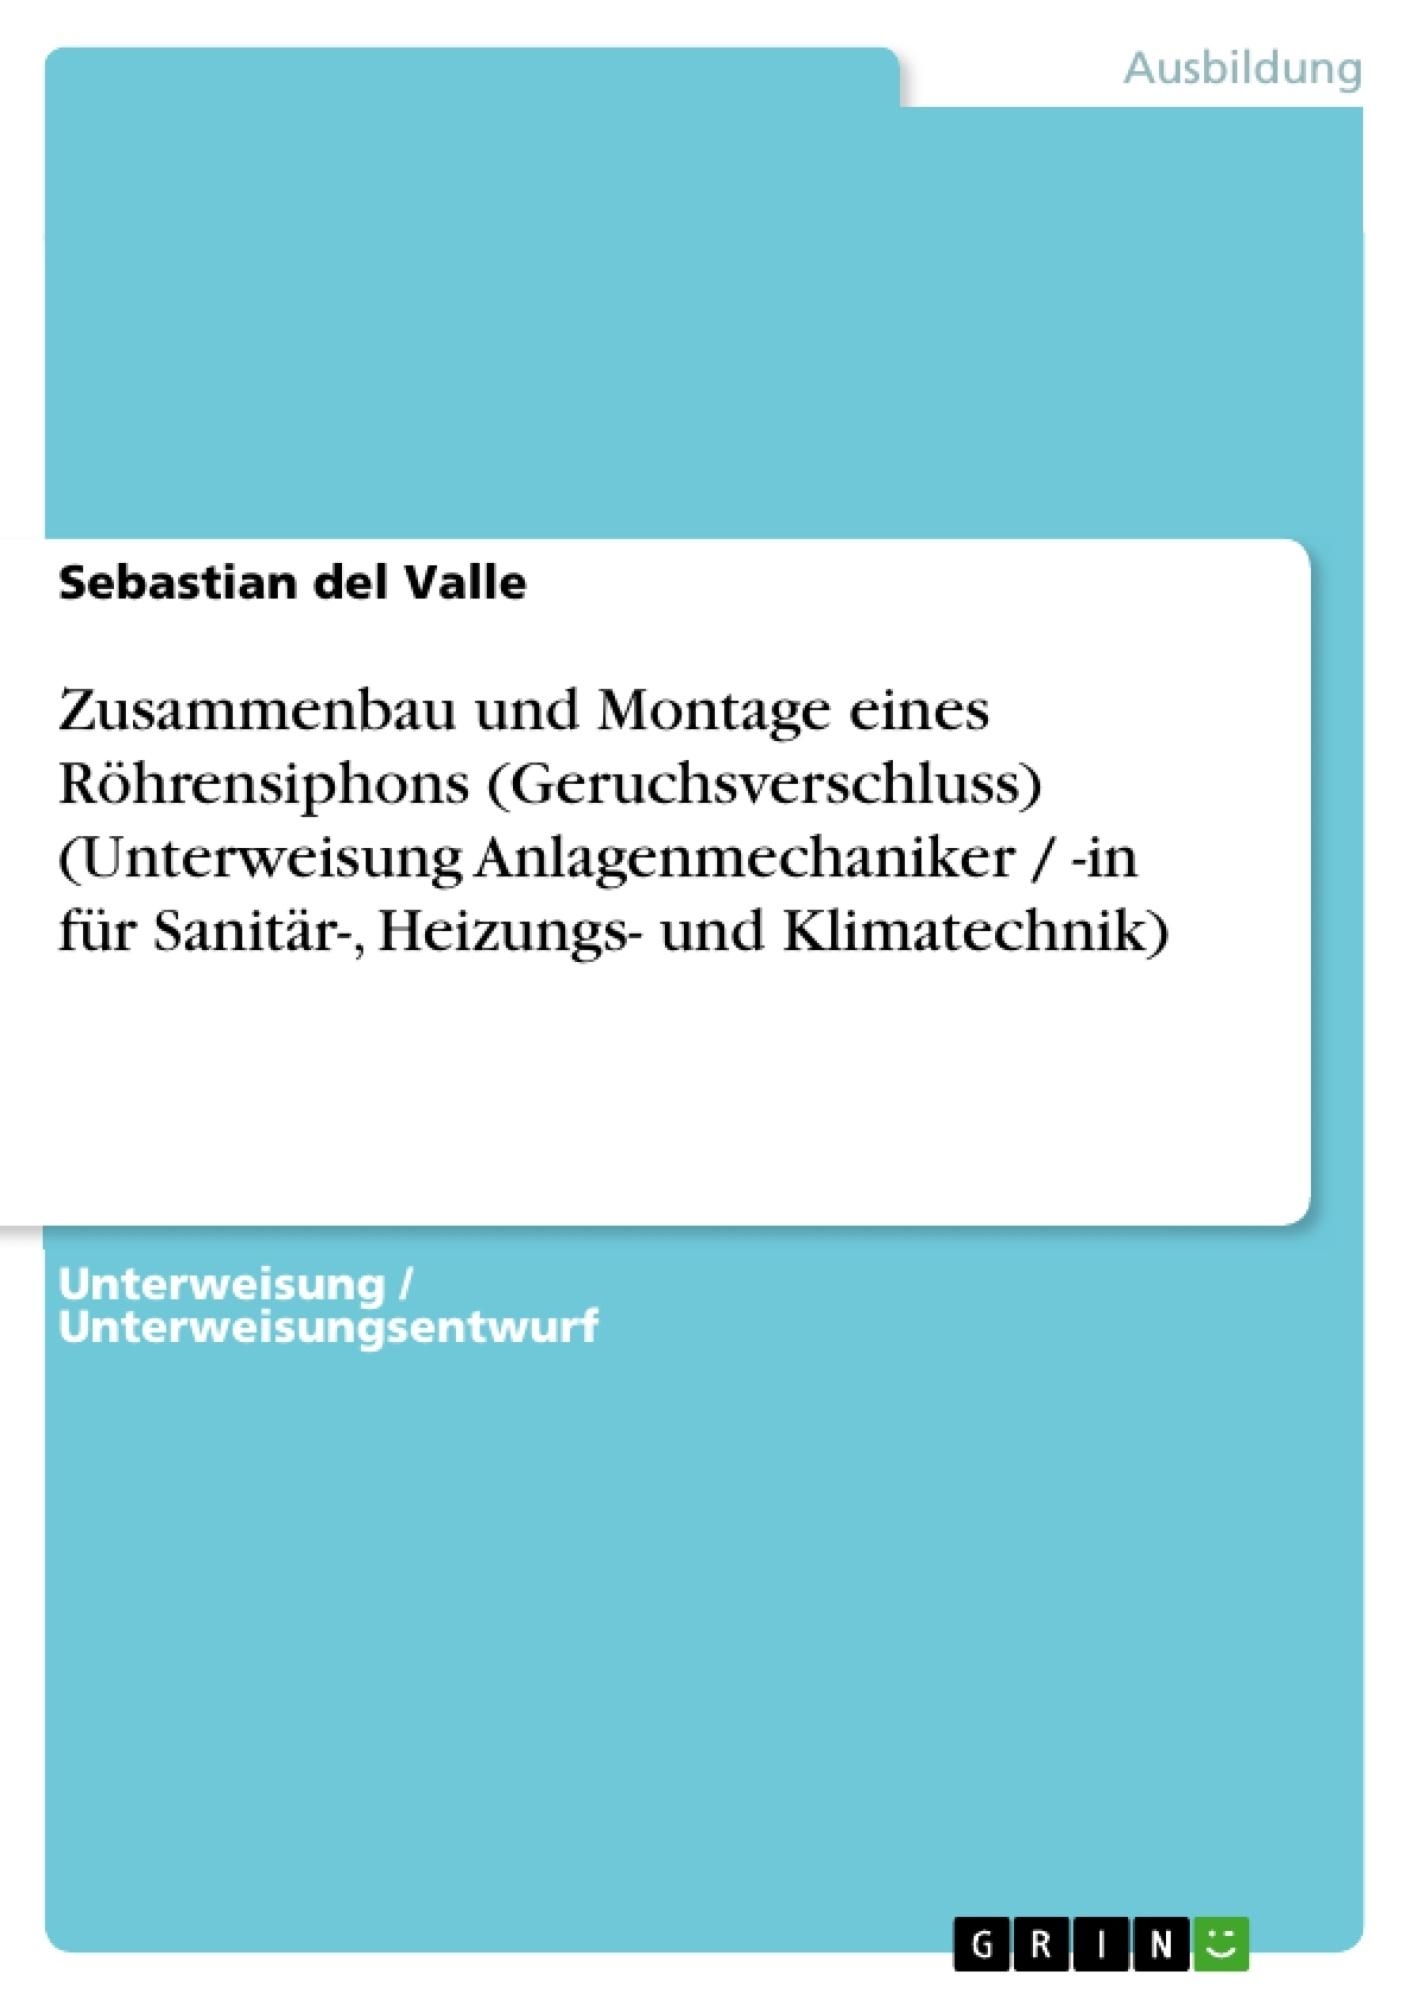 Titel: Zusammenbau und Montage eines Röhrensiphons (Geruchsverschluss) (Unterweisung Anlagenmechaniker / -in für Sanitär-, Heizungs- und Klimatechnik)